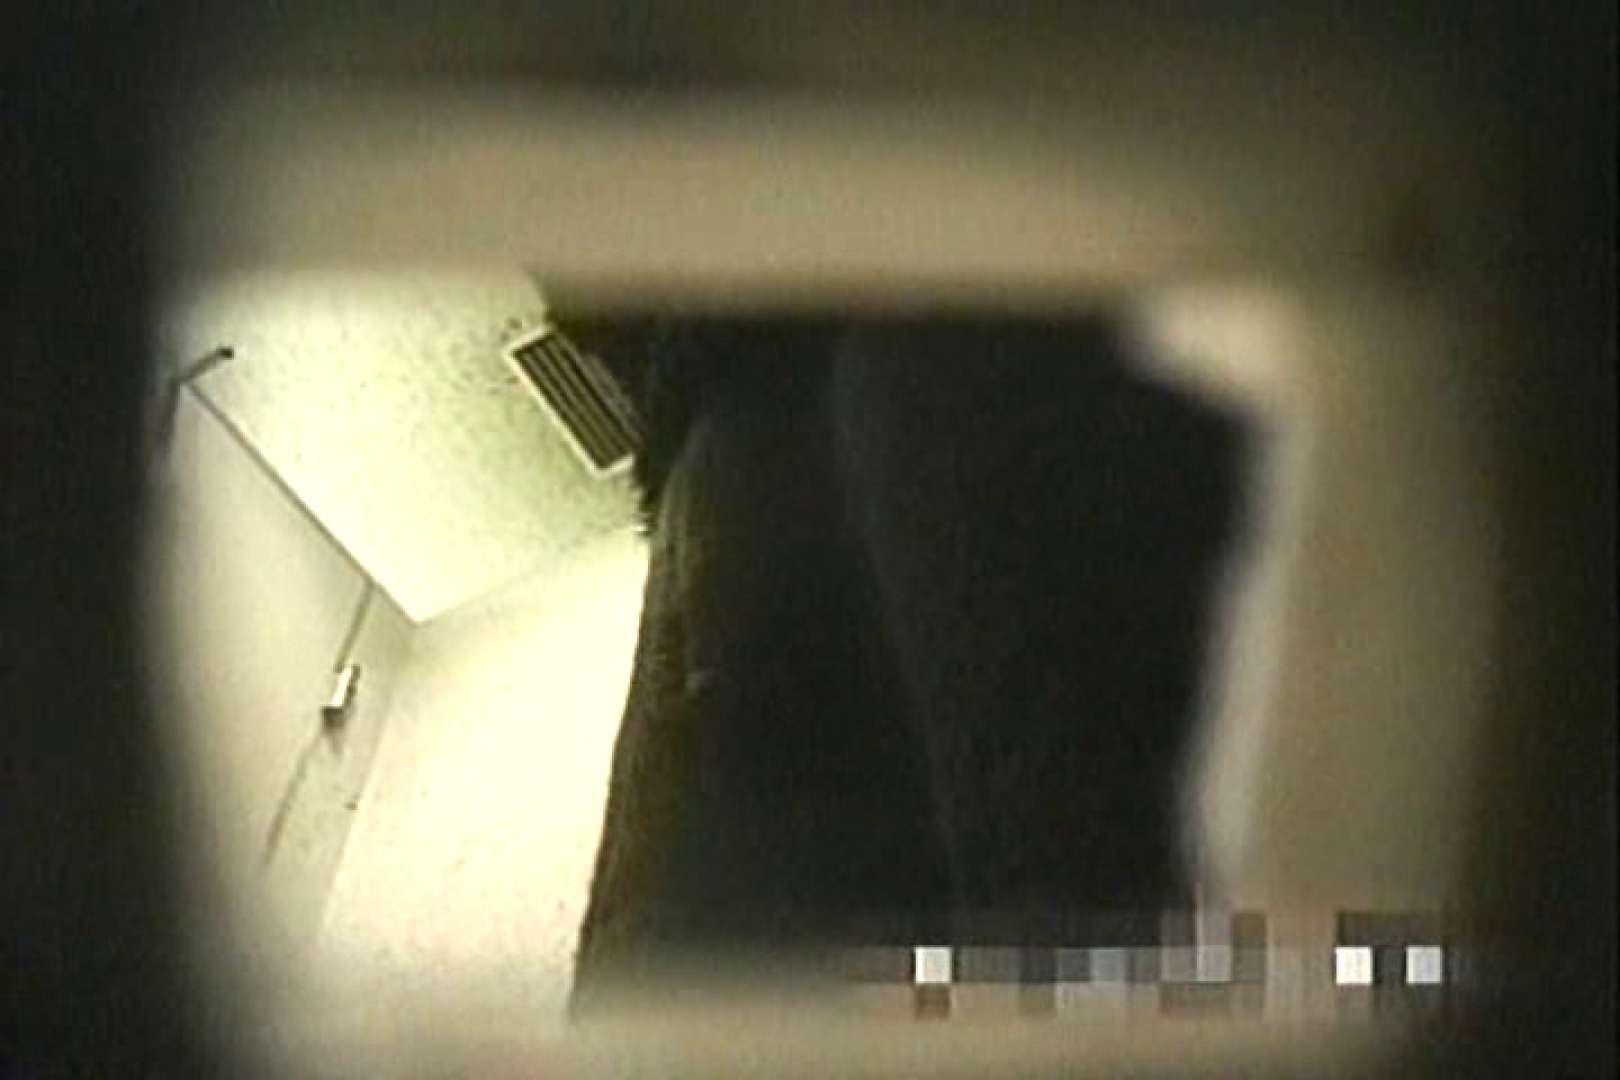 女子洗面所盗撮 今度の2カメは若い子だらけ  TK-127 S級美女ギャル AV無料 91画像 12